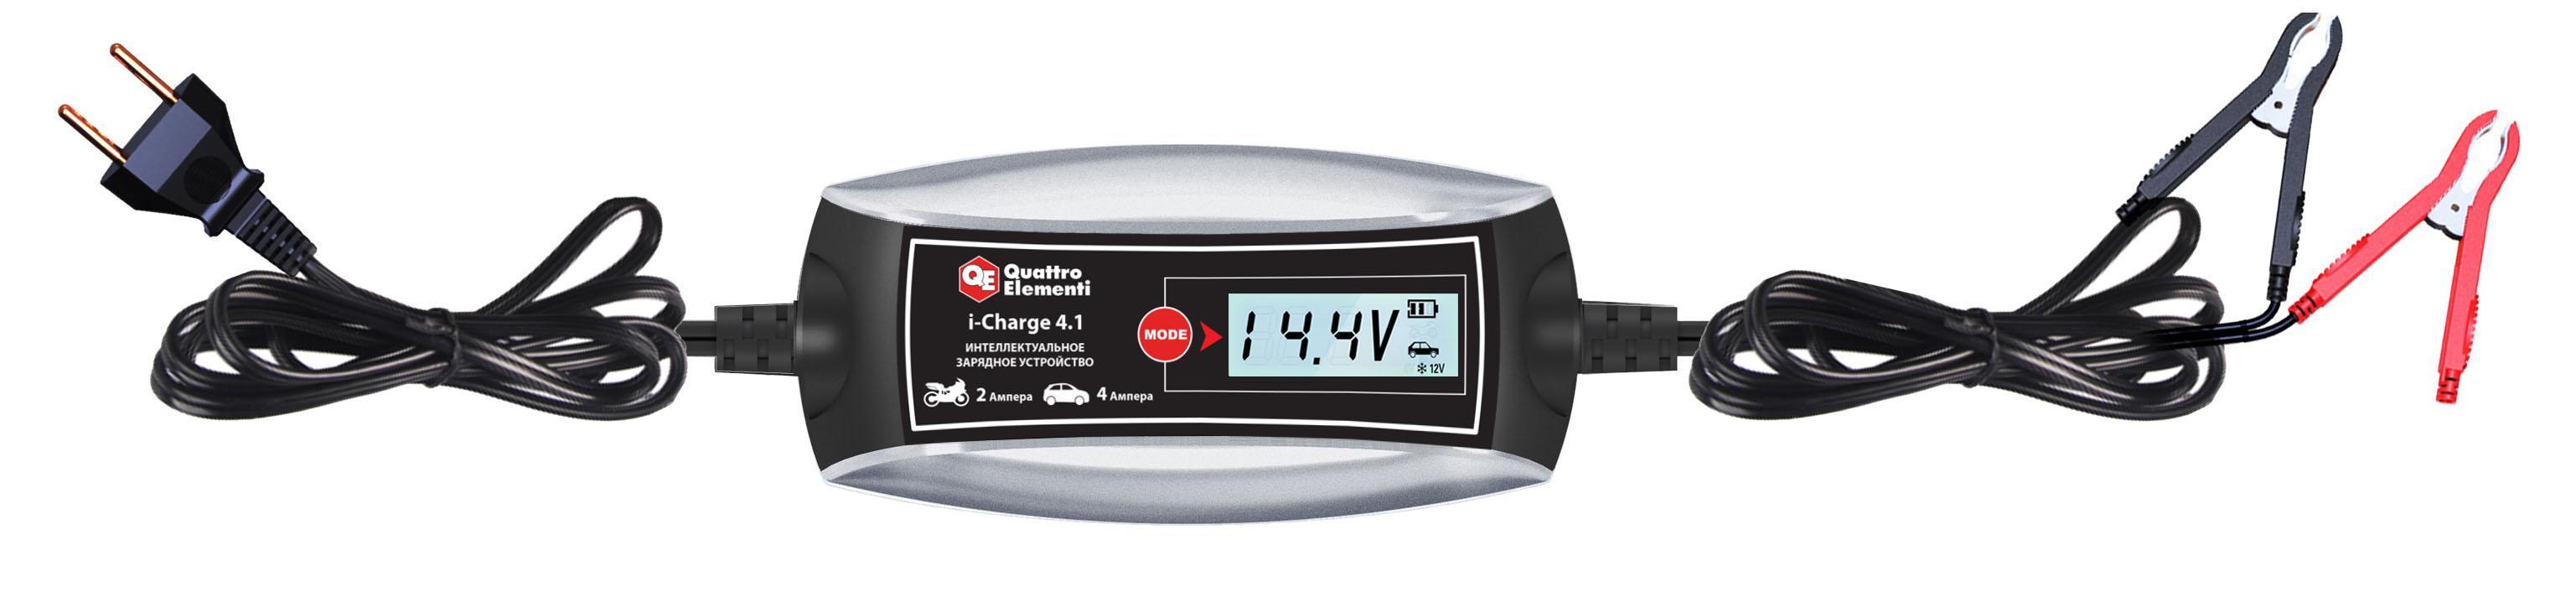 Зарядное устройство Quattro elementi 244-841i-charge4.1 коробка передач audi 80 quattro б у куплю в донецкой области